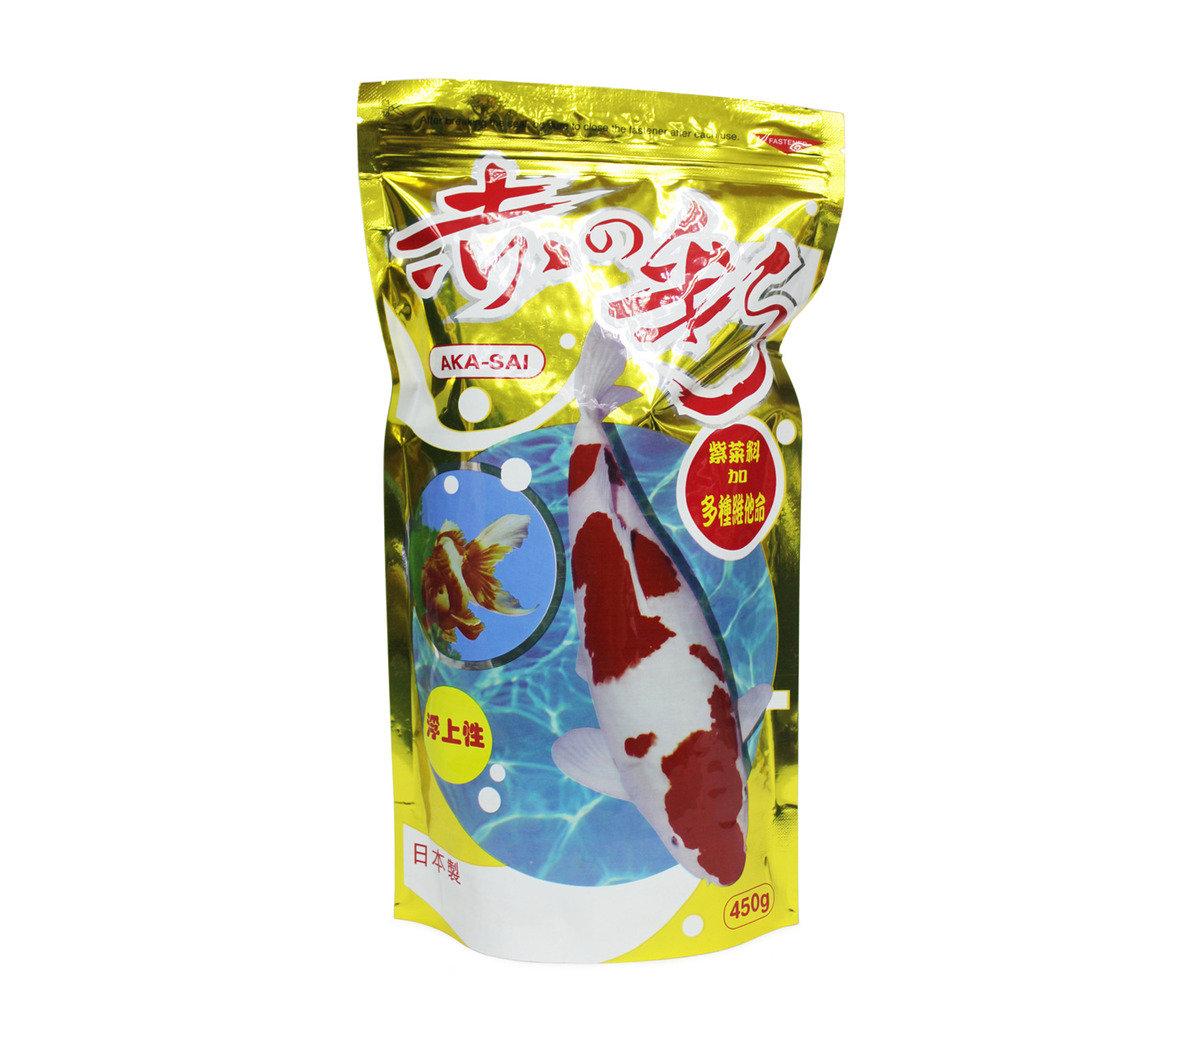 赤之彩丸多種維生素魚糧(450克)